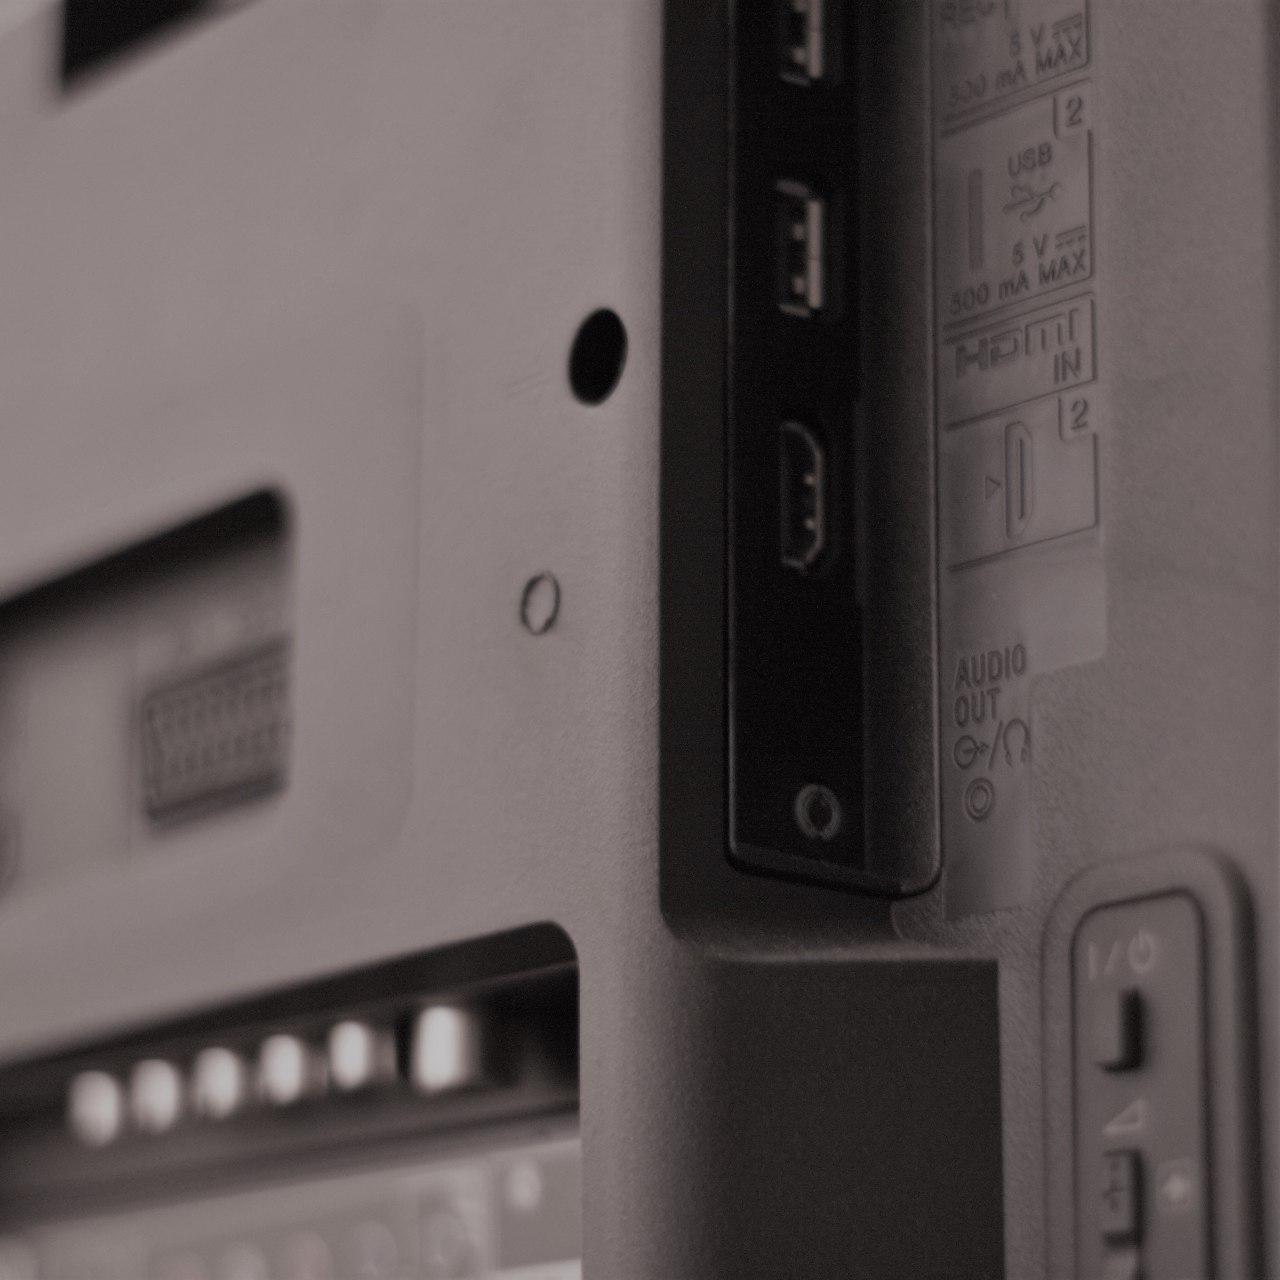 HDMI-portene kommer til å bli fylt opp kjappere enn du tror. Merk også at HDR ikke alltid er å finne på samtlige.